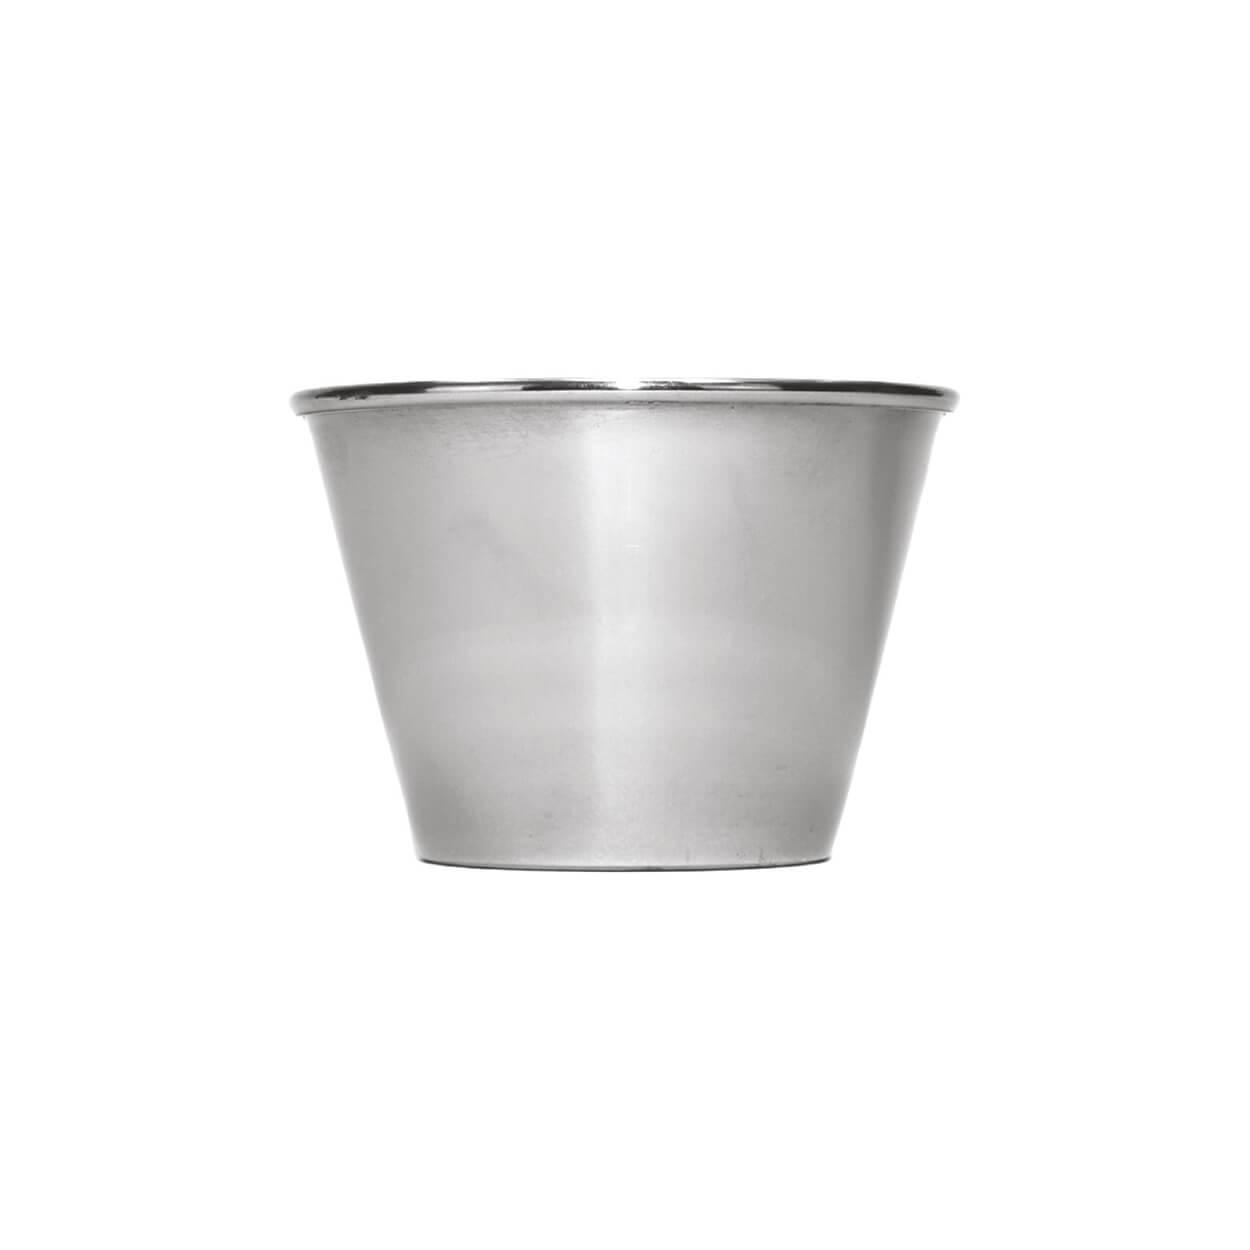 ΜΠΟΛ ΚΩΝΙΚΟ INOX 5,5×4εκ